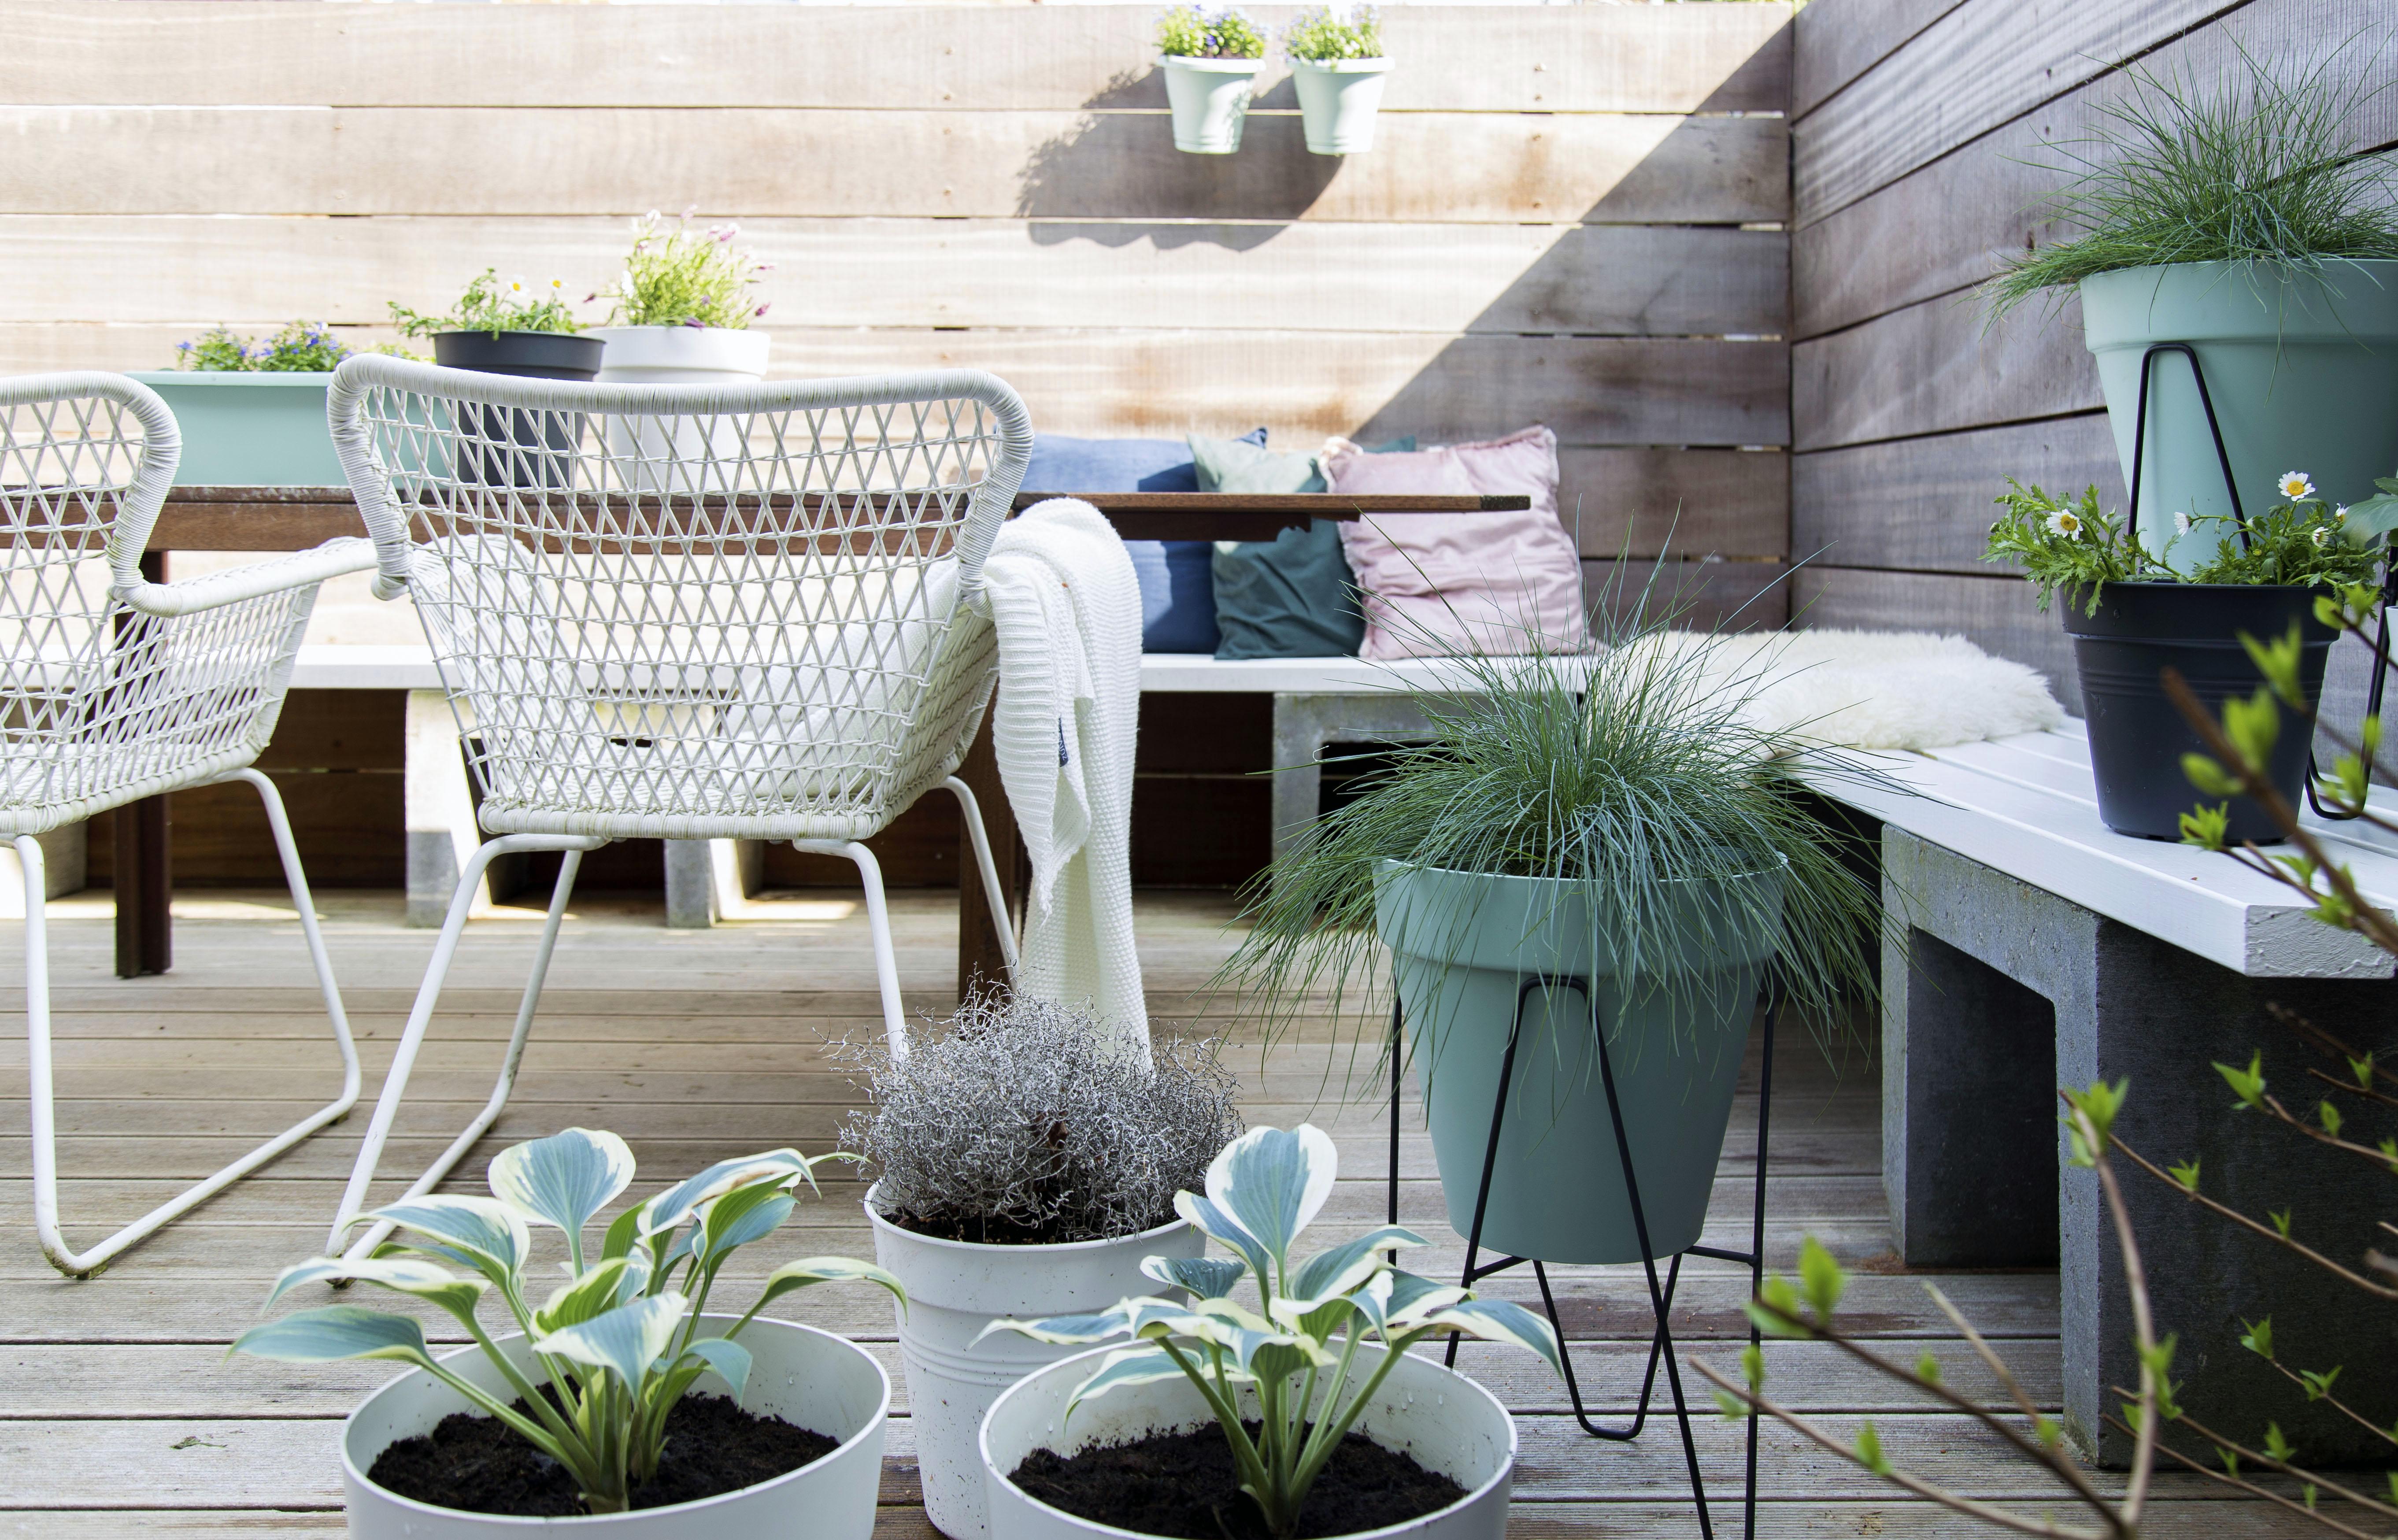 Garden makeover with elho